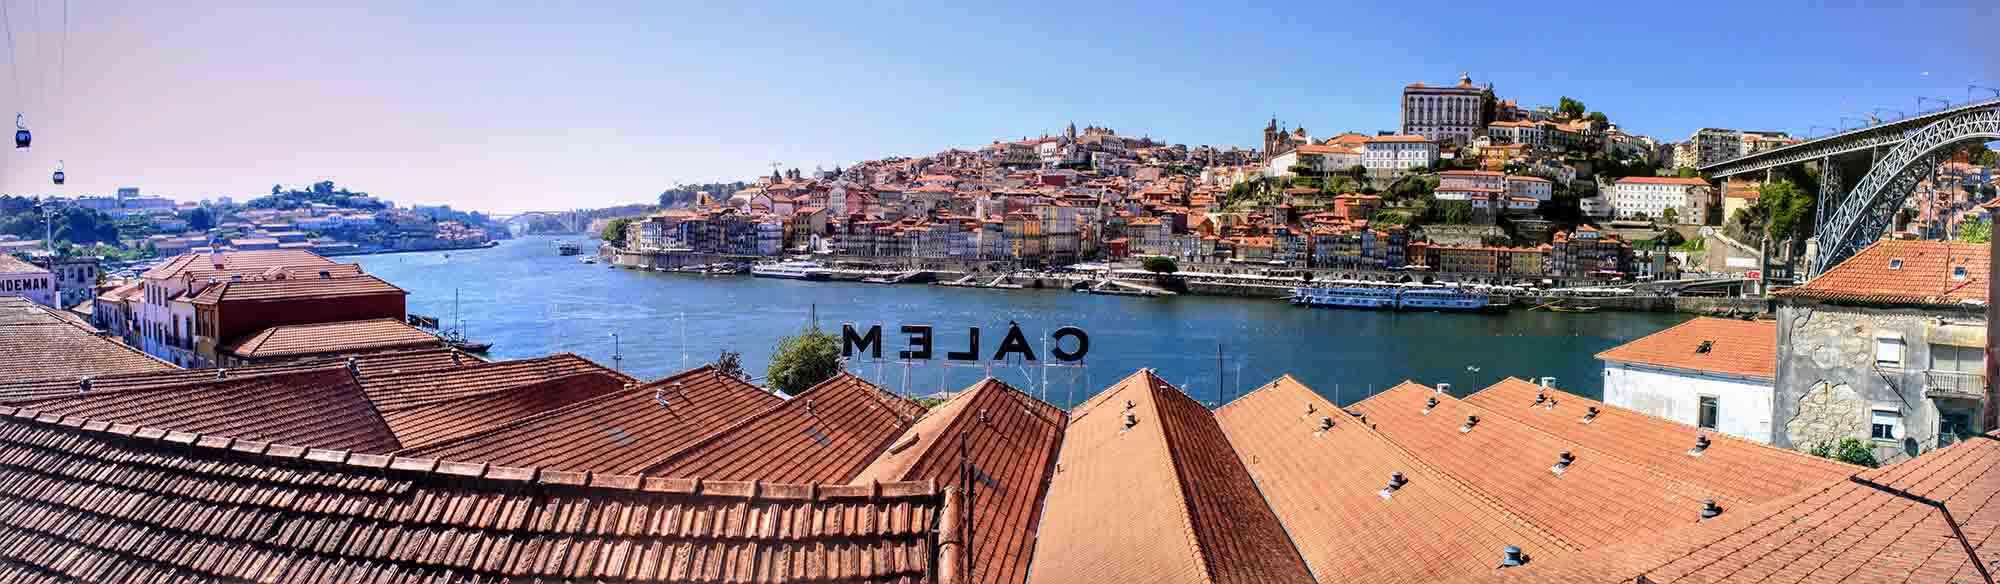 Panoramic shot of Porto from vila nova de gaia